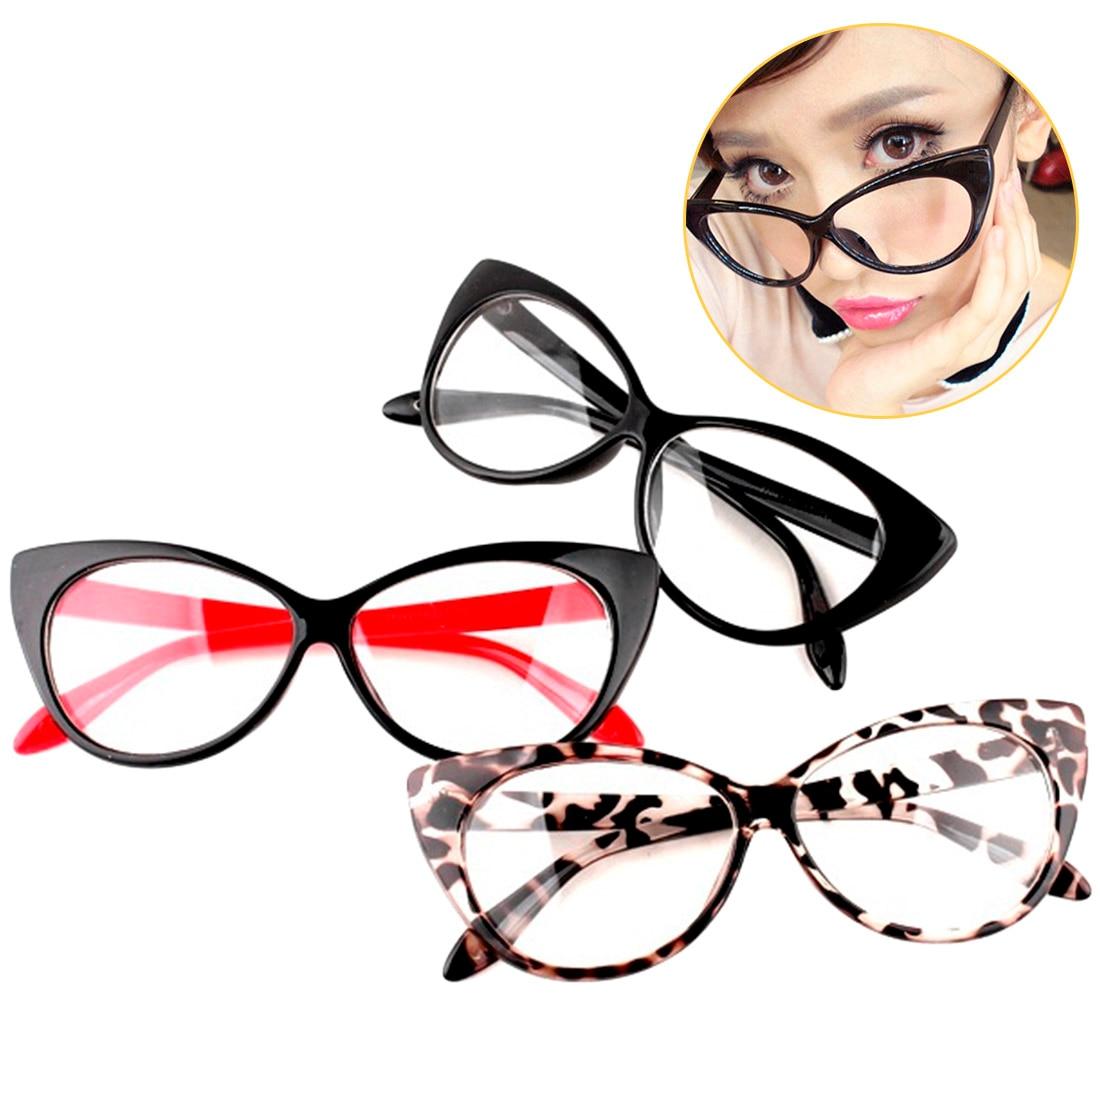 Brand Modern Elegant Cat Eyes Shape Glasses Frame For Ladies Acetate Optical Frames Retro Plastic Plain Glasses 5 Colors plastic